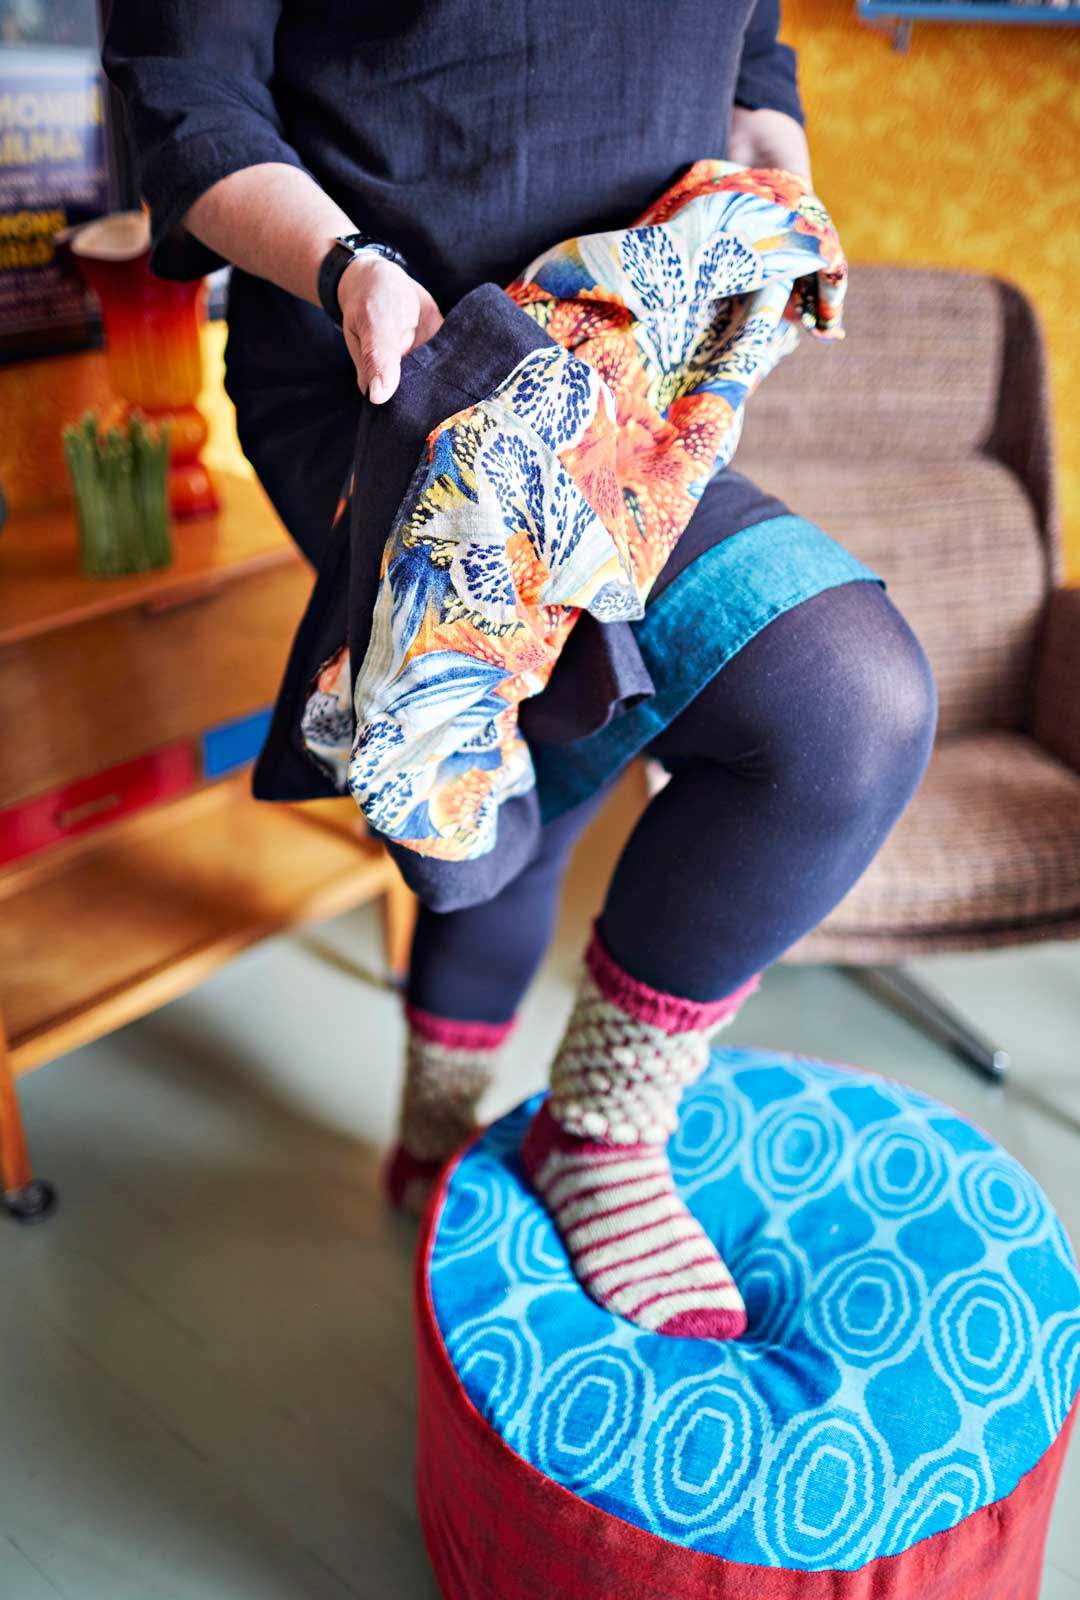 Usein vaatteen käyttöikää voi lisätä viemällä sen ompelijalle. Ainon monissa hameissa on ompelijan ompelema helma.